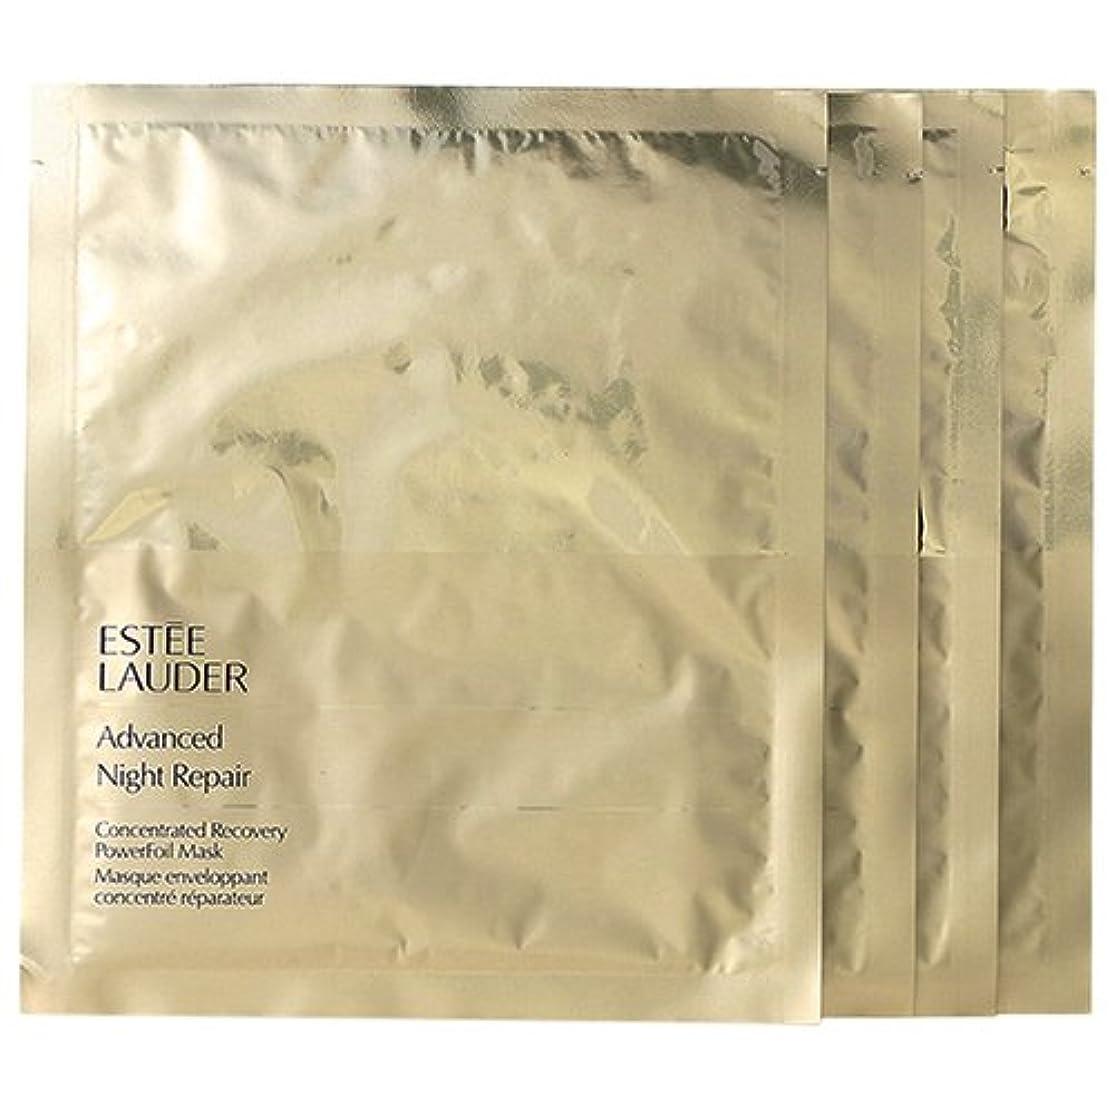 見積り消毒剤頼るエスティローダー(ESTEE LAUDER) アドバンス ナイト リペア パワーフォイル マスク 4枚入り[並行輸入品]